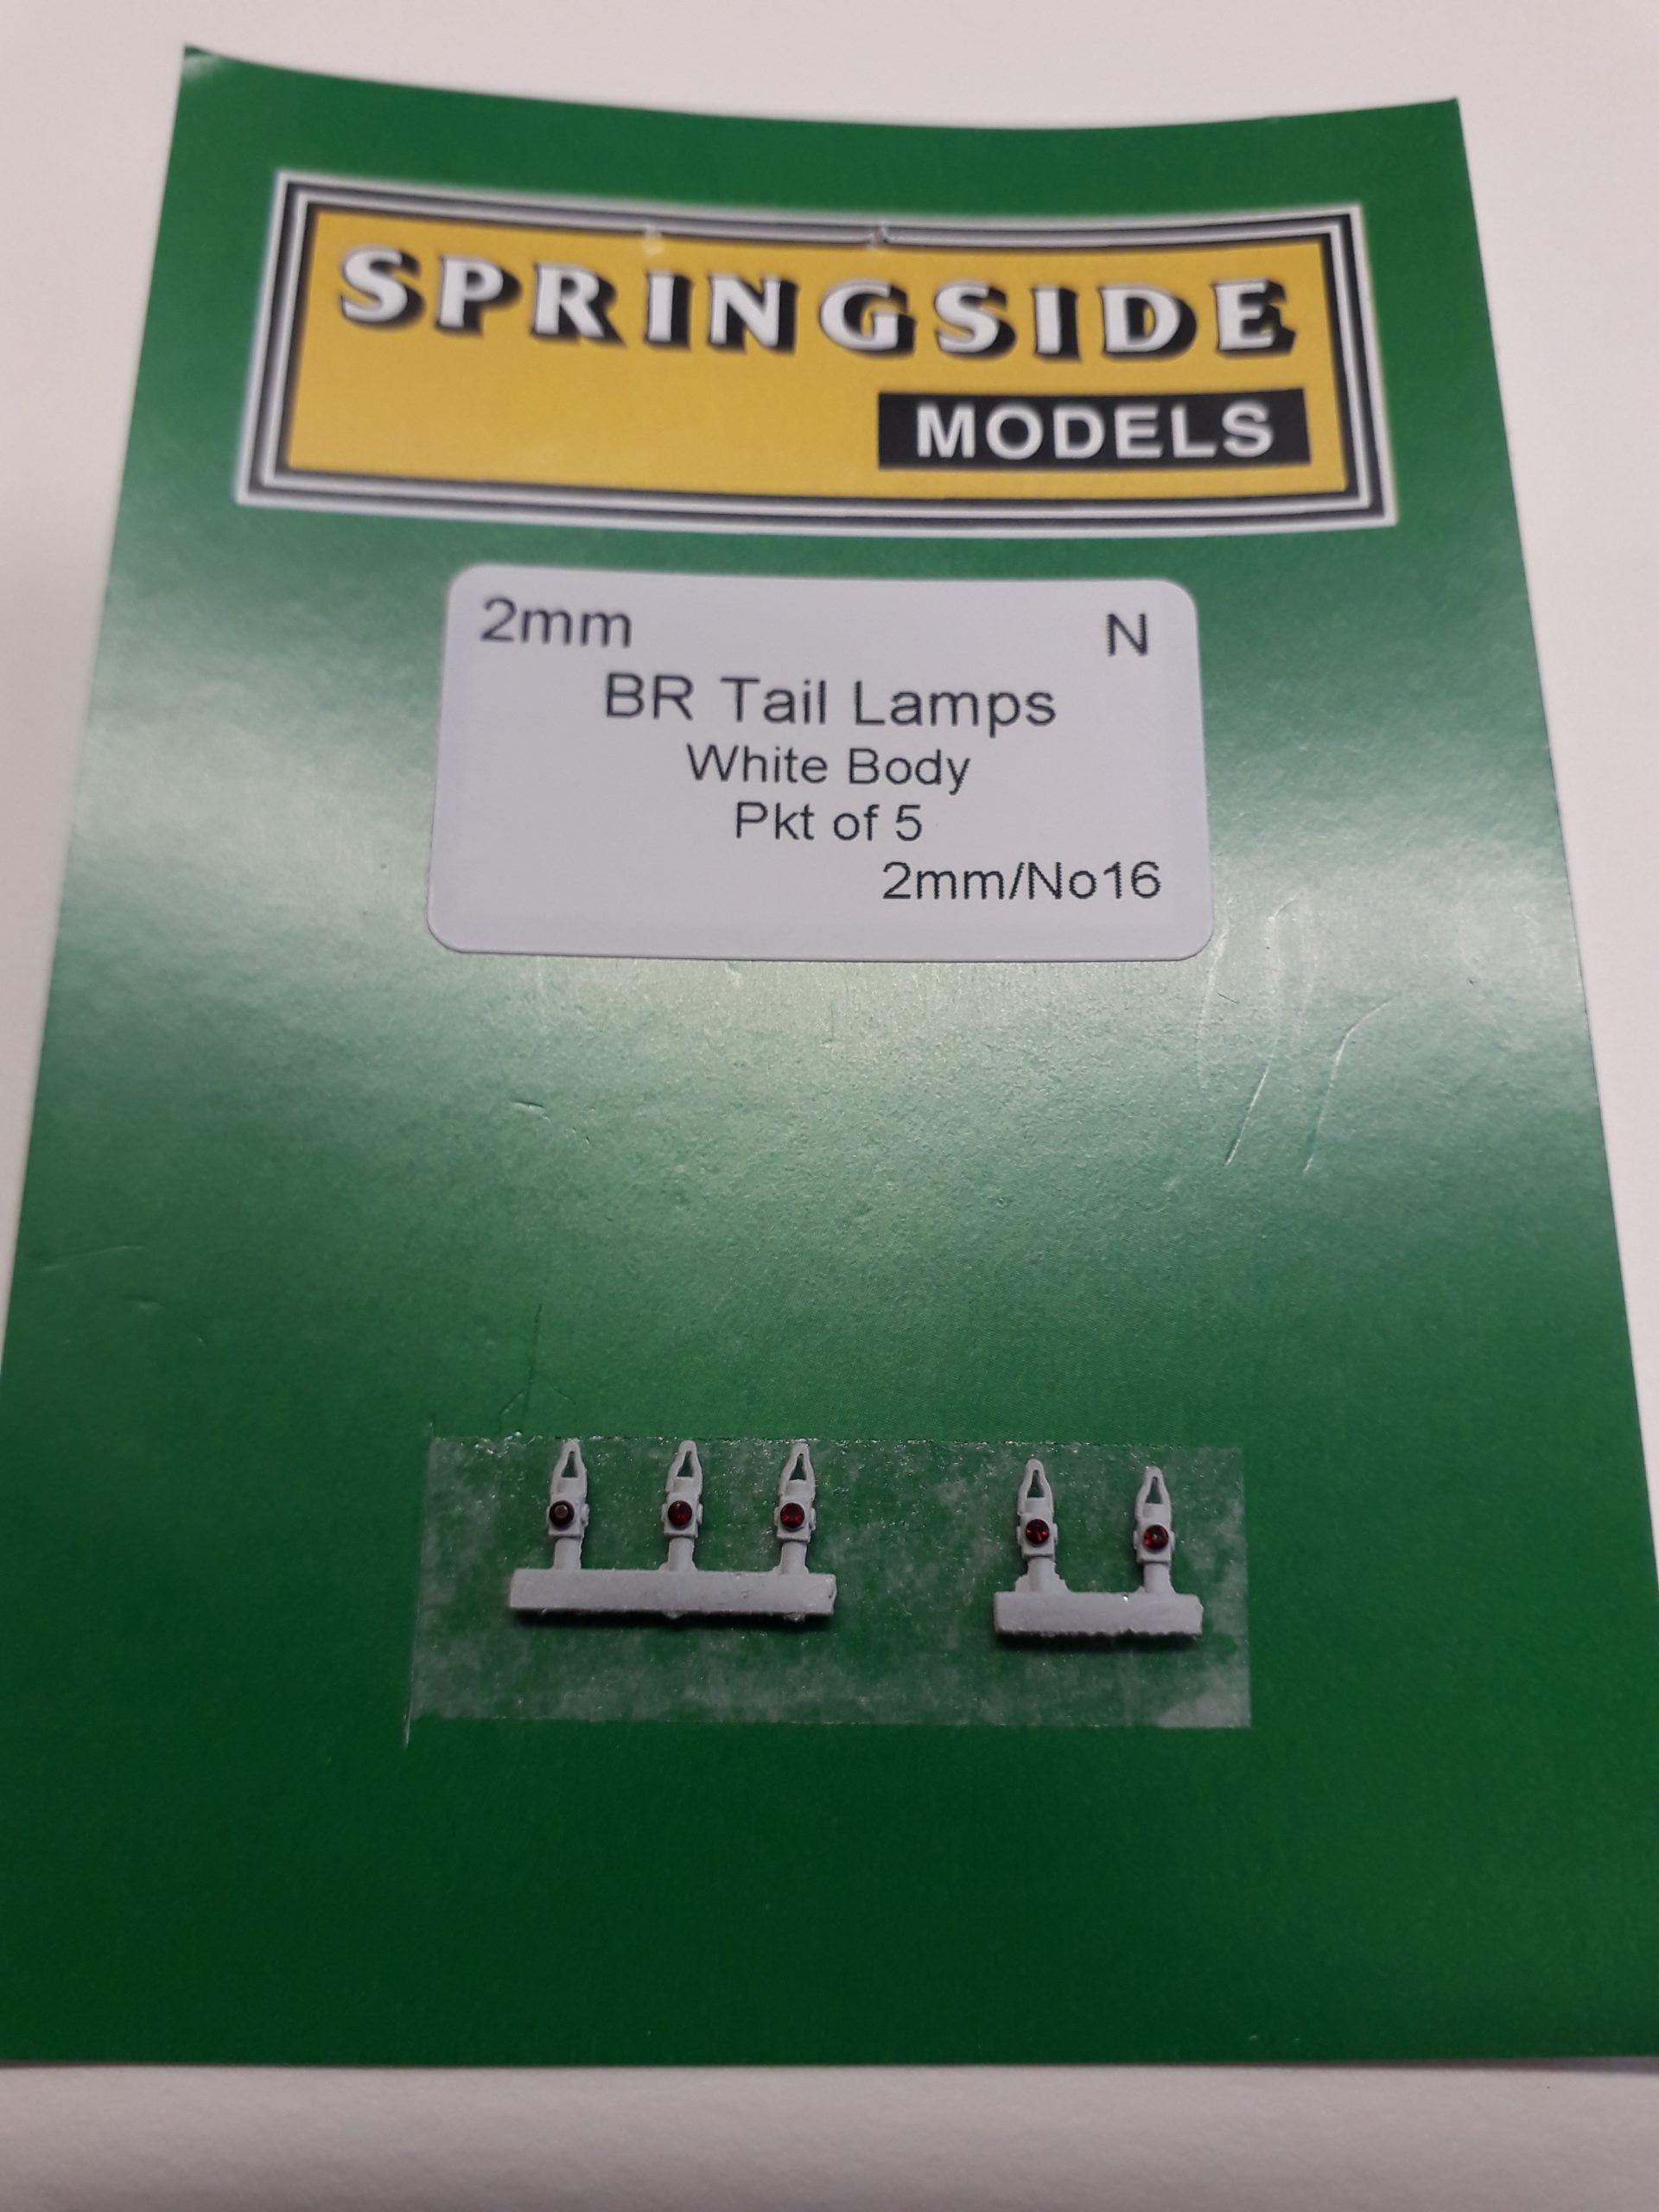 N gauge BR Tail Lamps